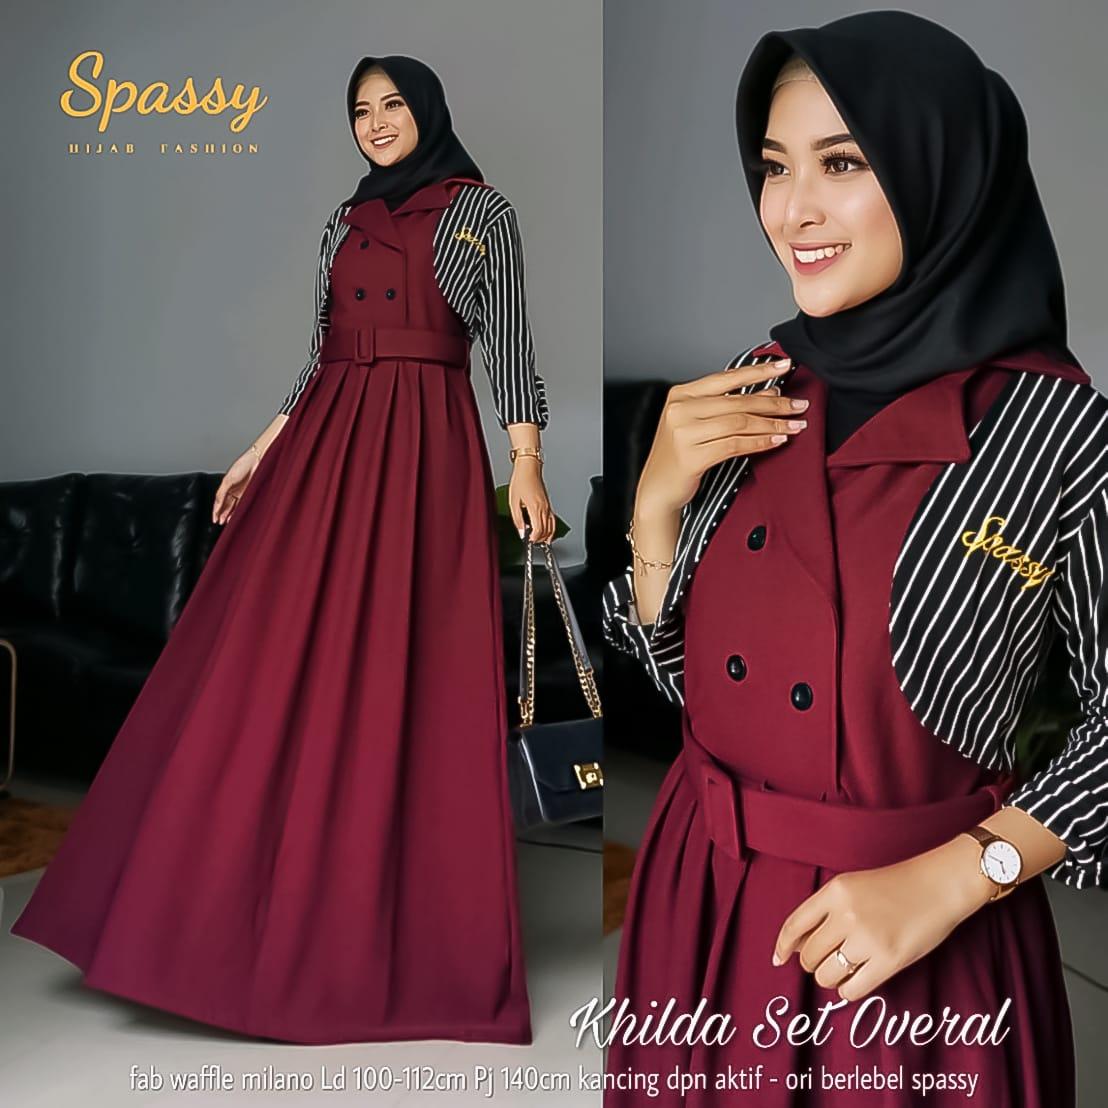 Gamis Simple Model Baju Gamis Terbaru 2020 Wanita Berhijab Remaja Hijabfest